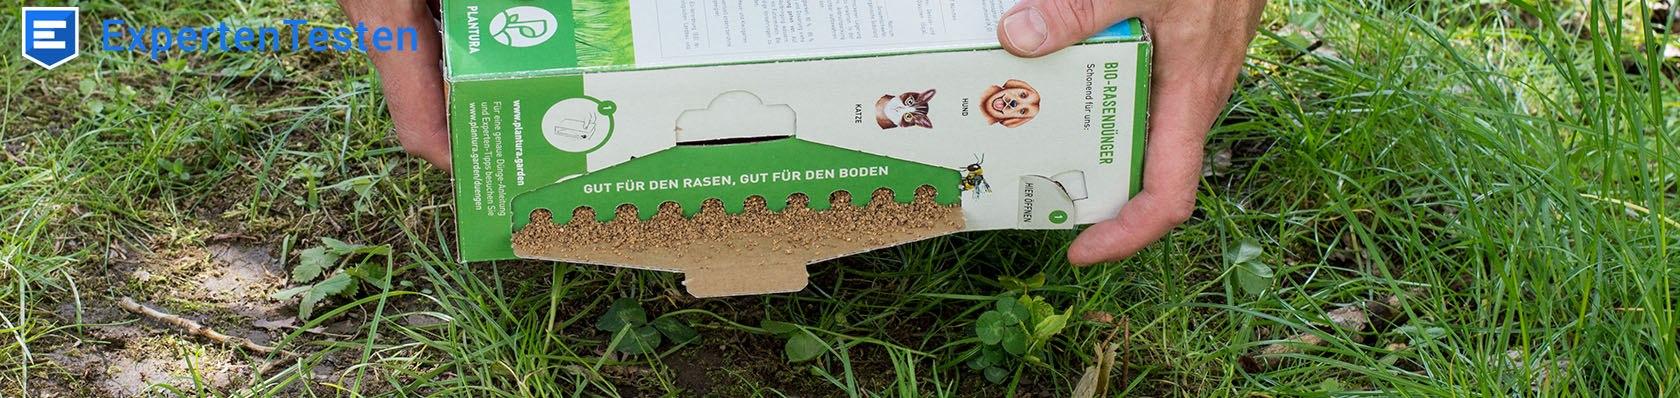 Rasendünger im Test auf ExpertenTesten.de